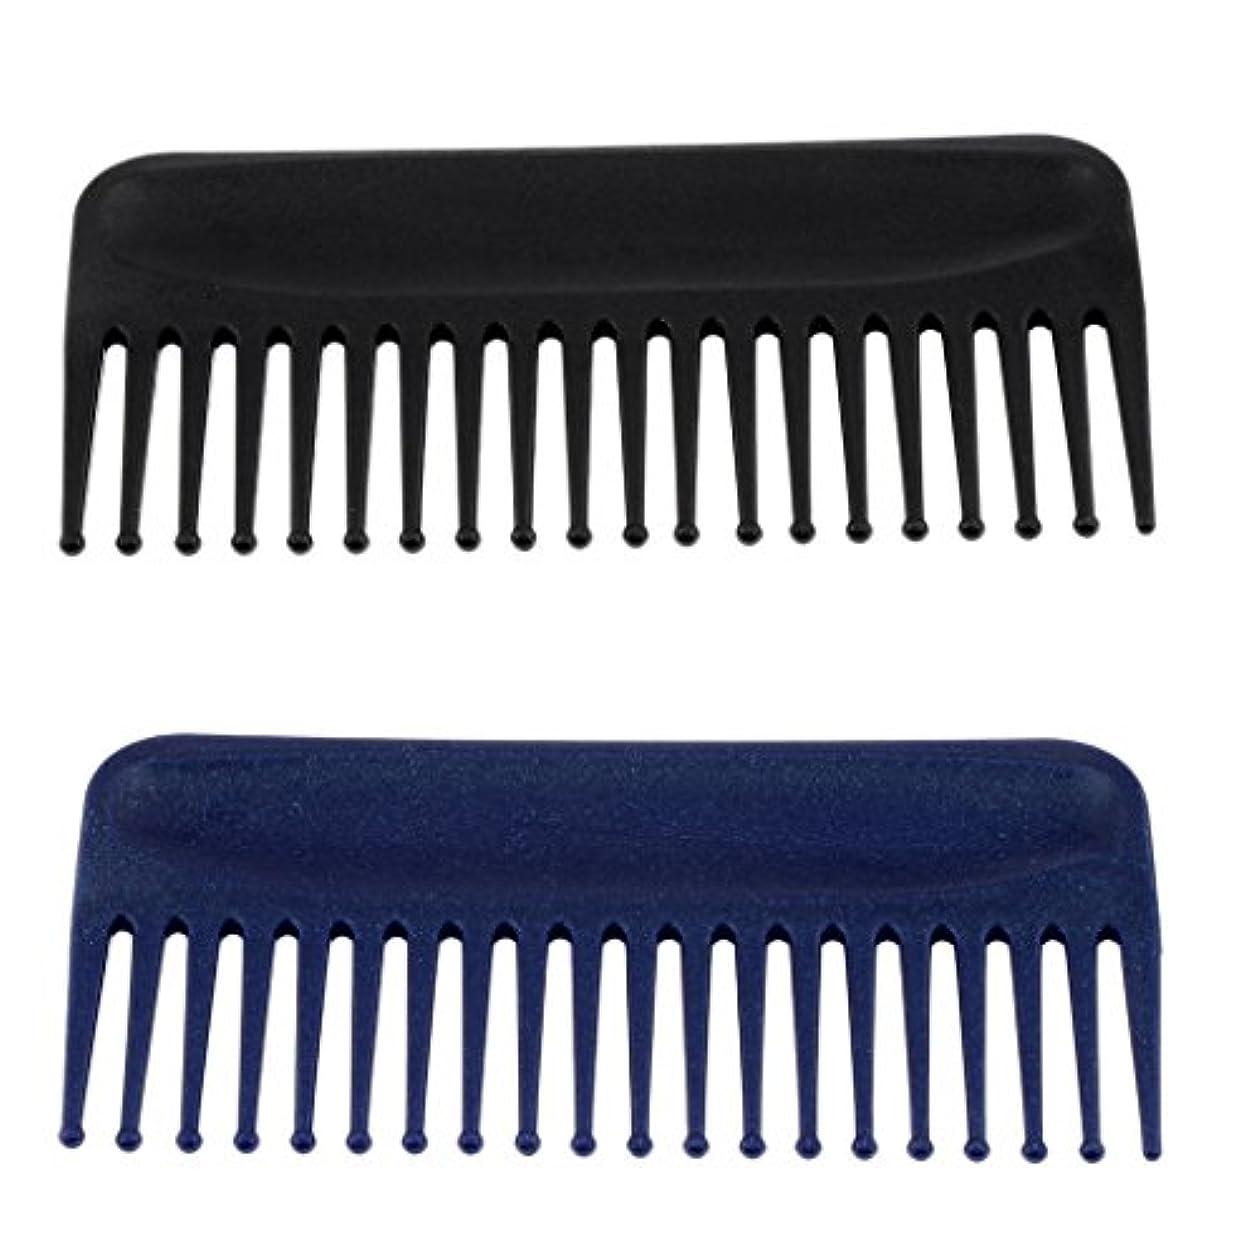 強化する姪浪費Toygogo 2x広い歯の櫛、帯電防止の耐熱性、もつれのくし、長いぬれた髪の毛のためのデタングラーの毛の櫛は巻き毛をまっすぐにします